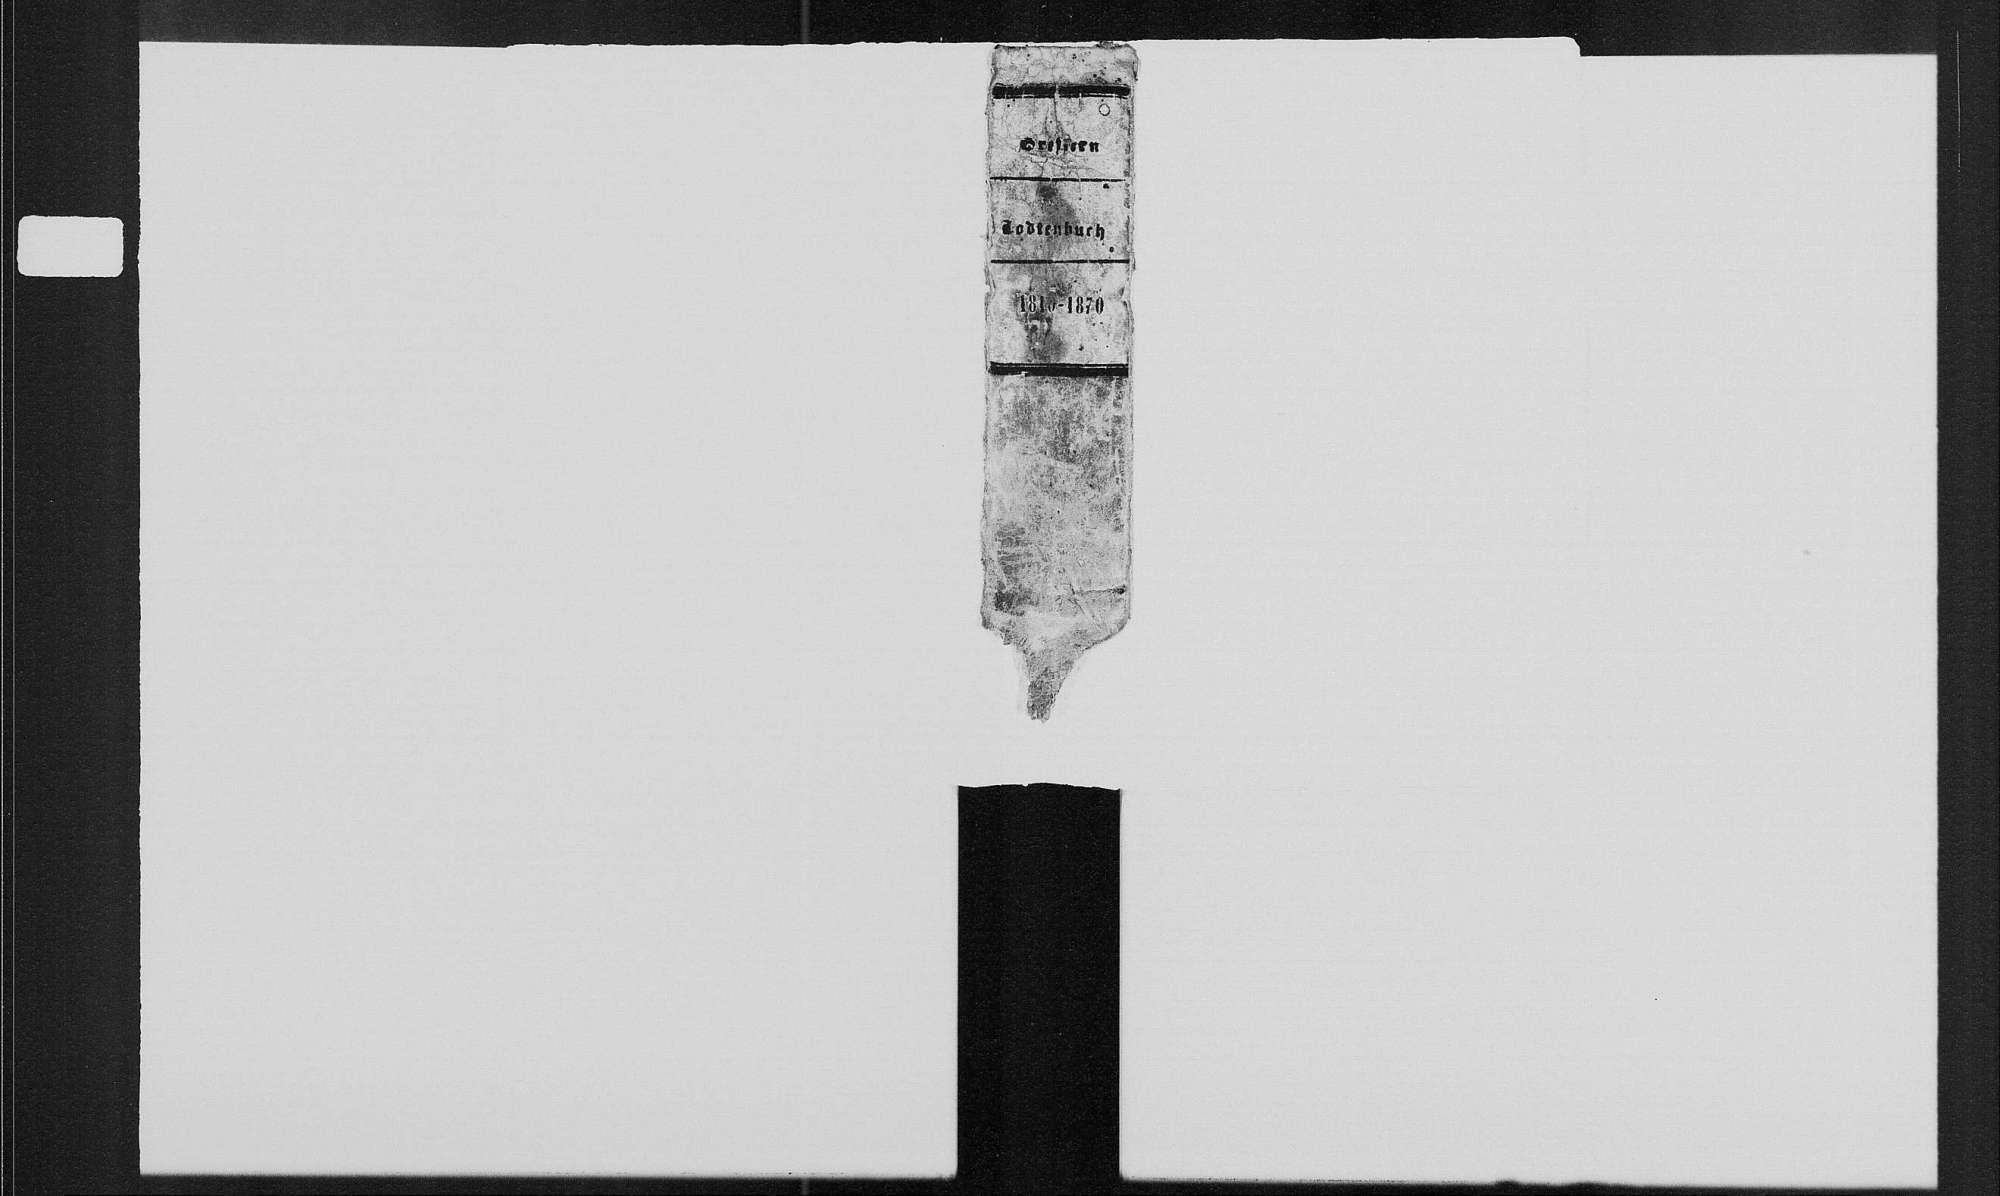 Greffern, katholische Gemeinde: Sterbebuch 1810-1870, Bild 2